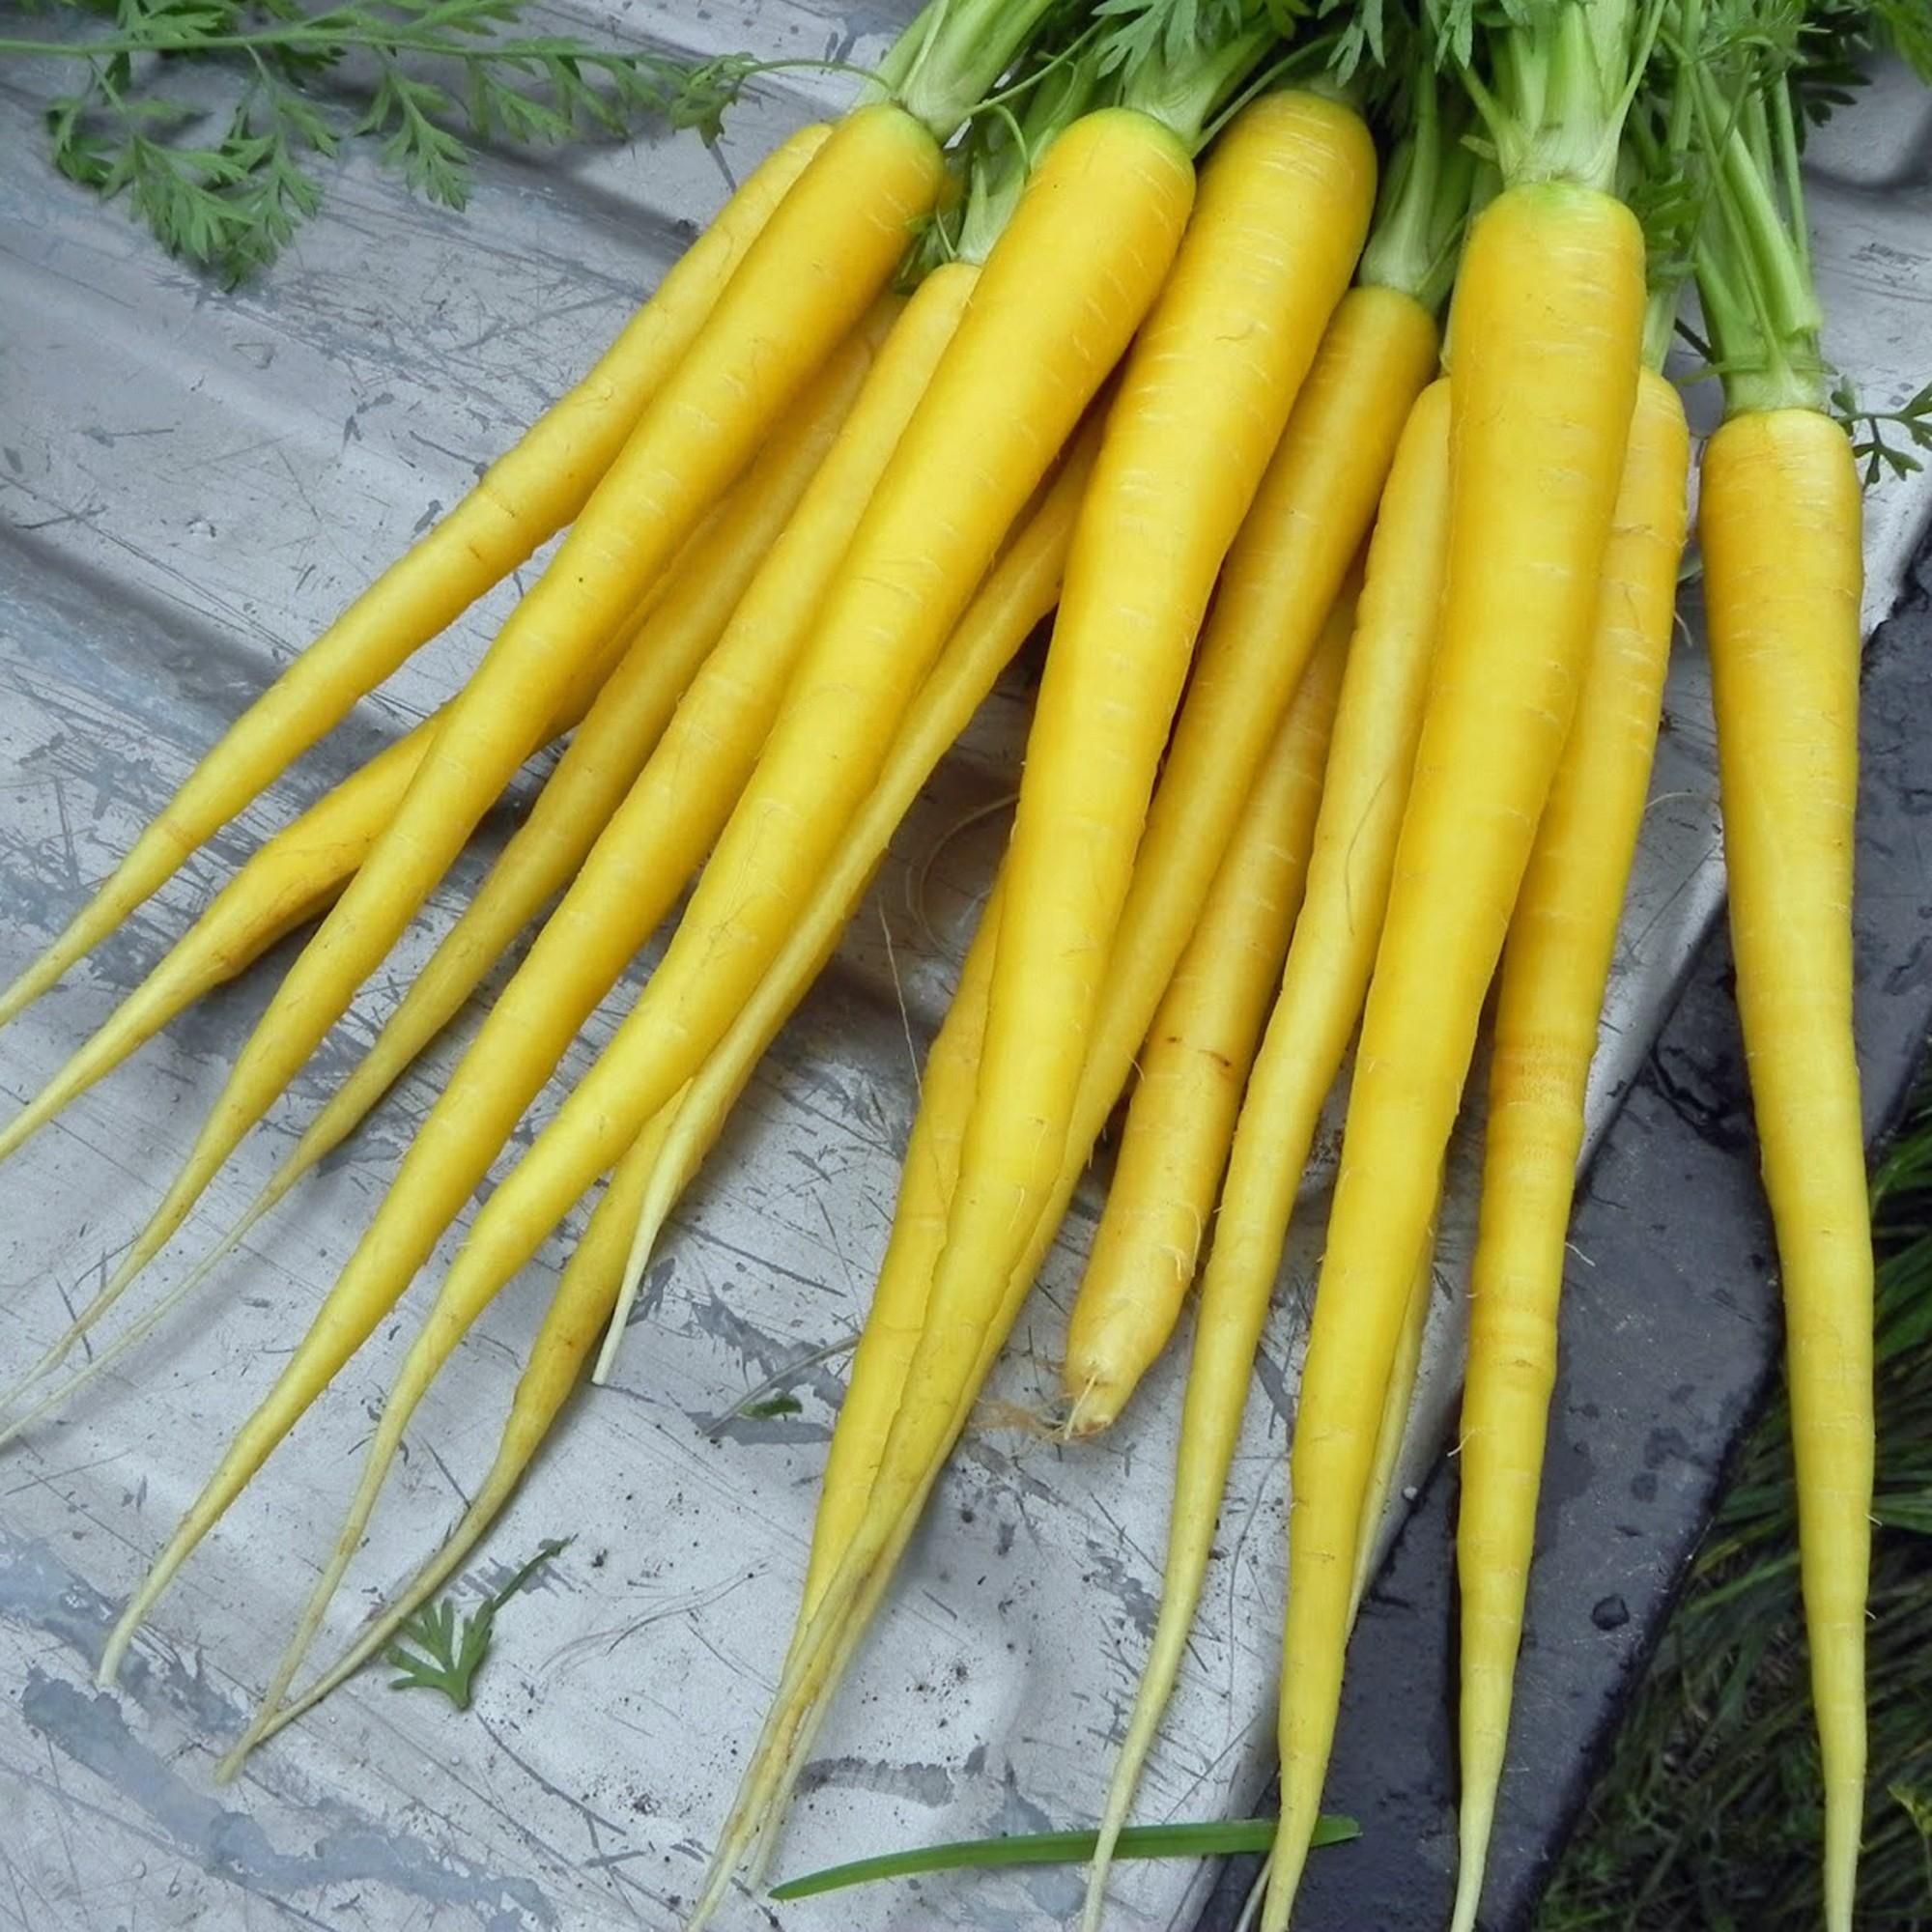 Zanahoria Amarilla Dinkos La zanahoria el poder de la transformación.para fertilidad y atración de un hombre ) acebo, artemisa, arroz, azafrán, bellota,, caña, cebada, espino, hierba. zanahoria amarilla